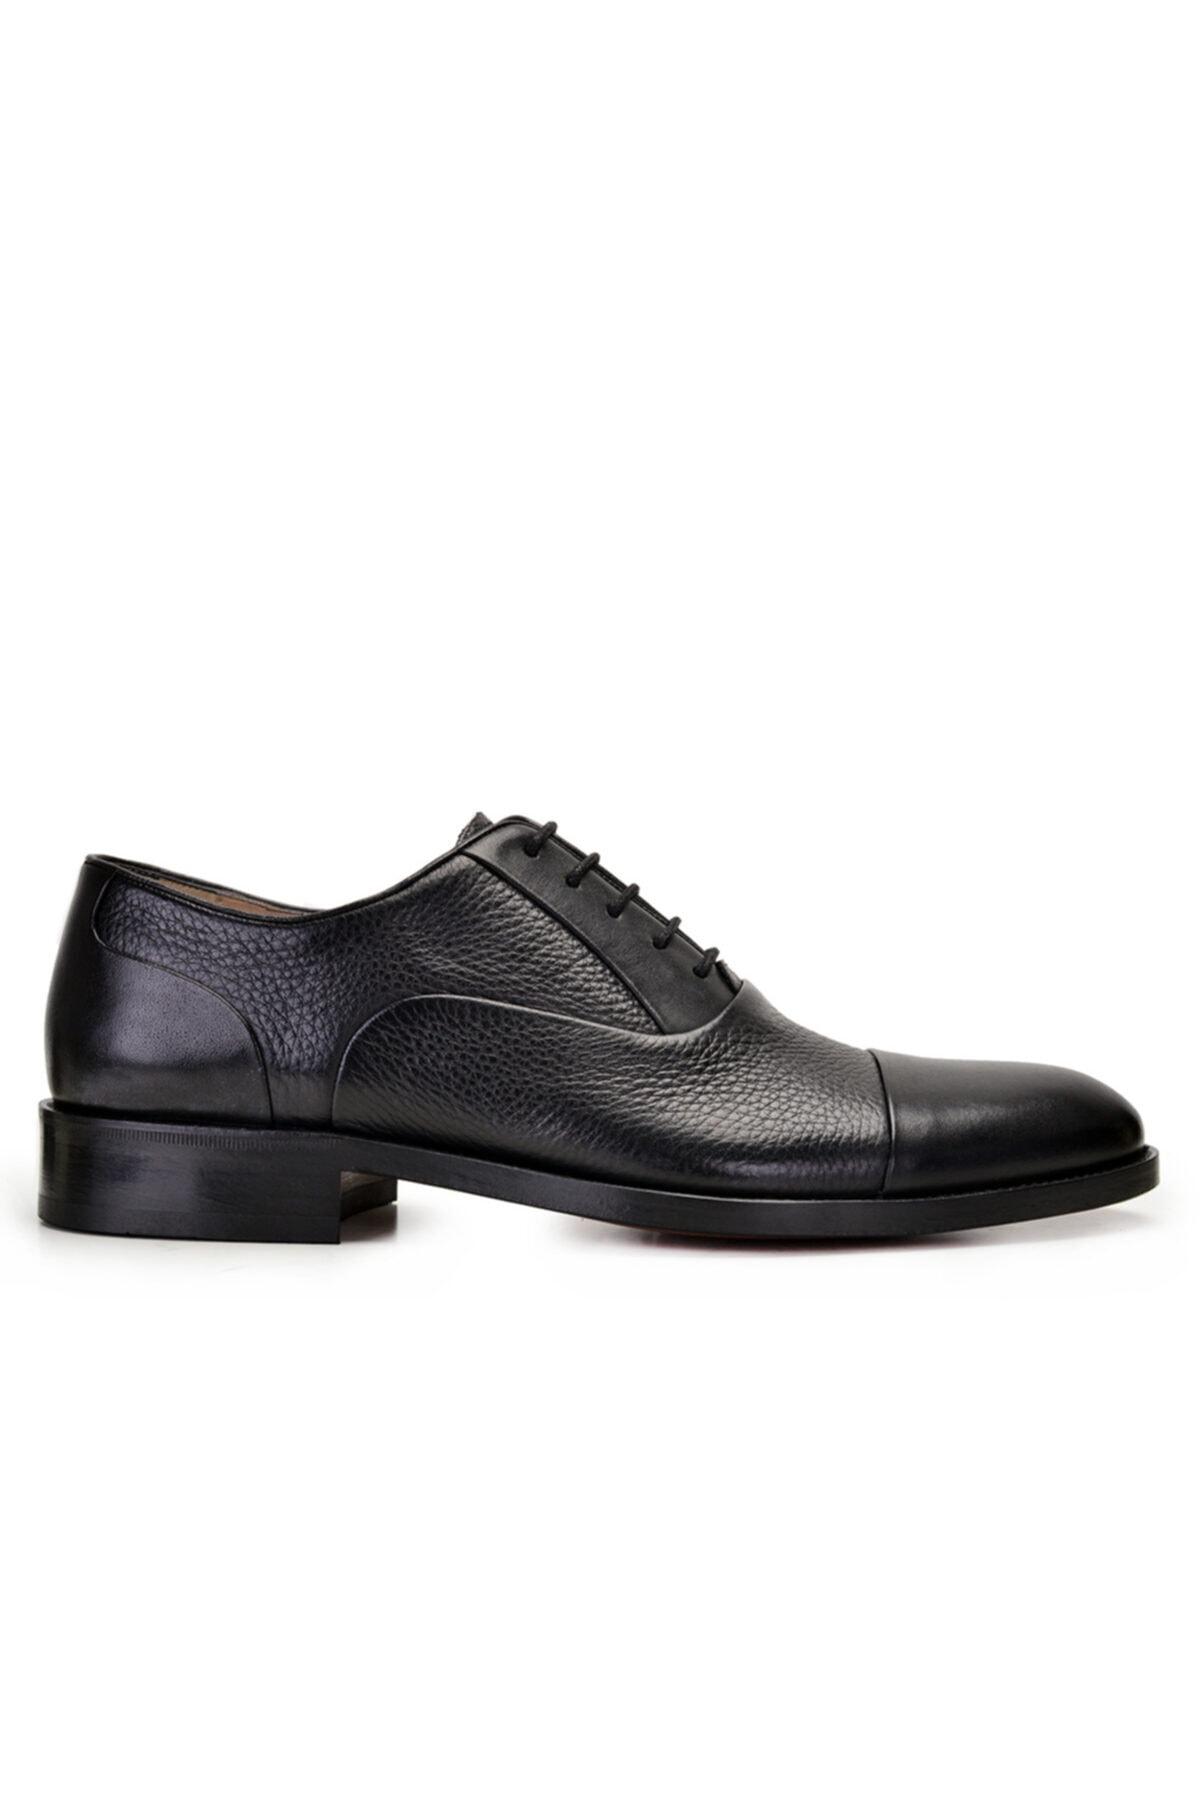 Nevzat Onay Erkek Siyah Hakiki Deri Klasik Bağcıklı Kösele Ayakkabı -9131- 1